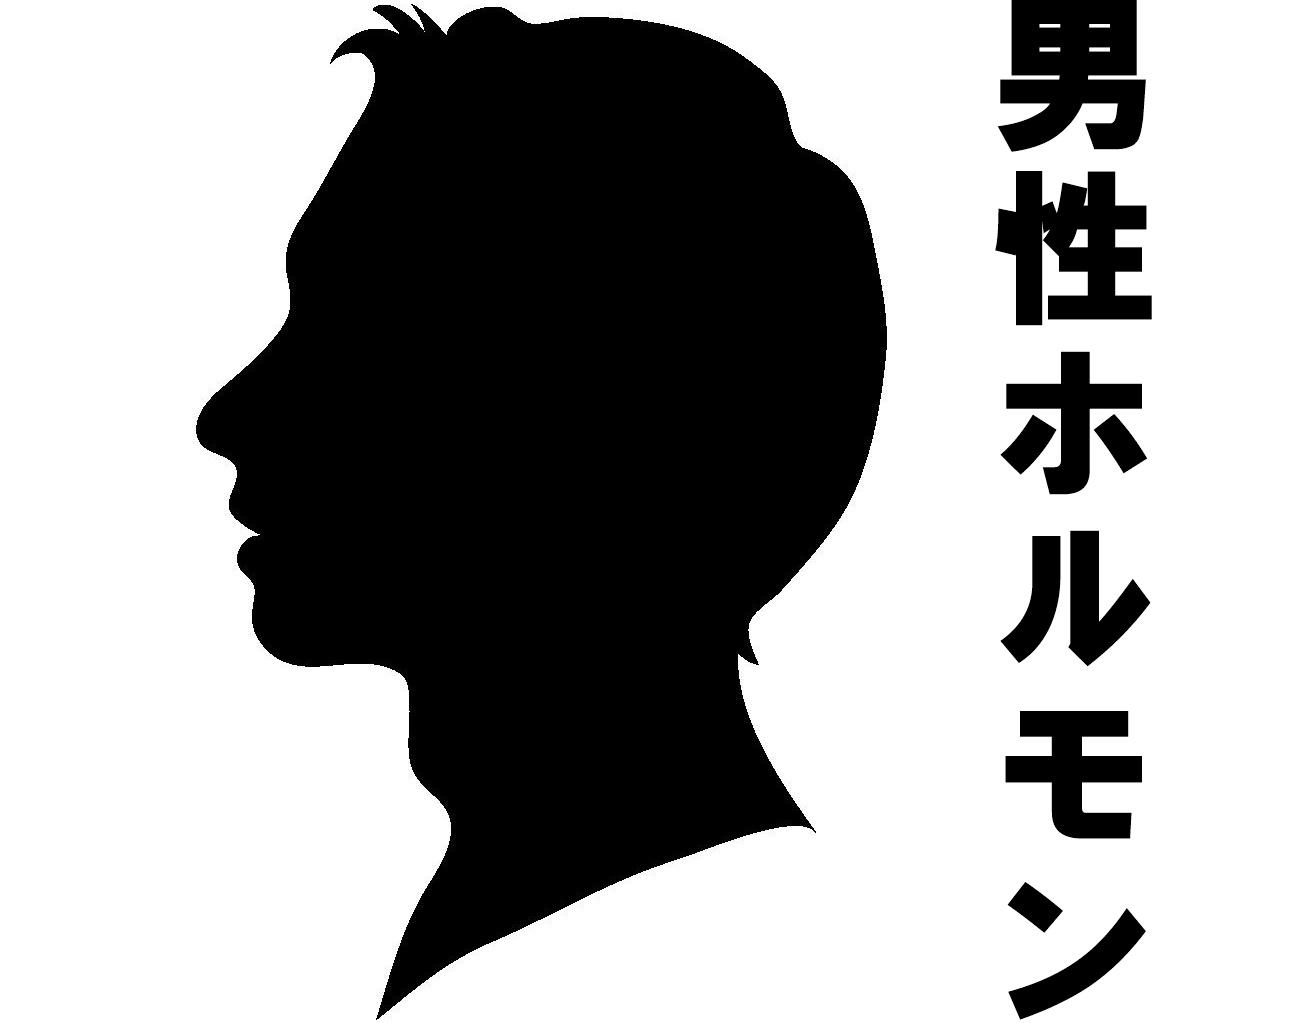 黒い男性の横顔と男性ホルモンの文字